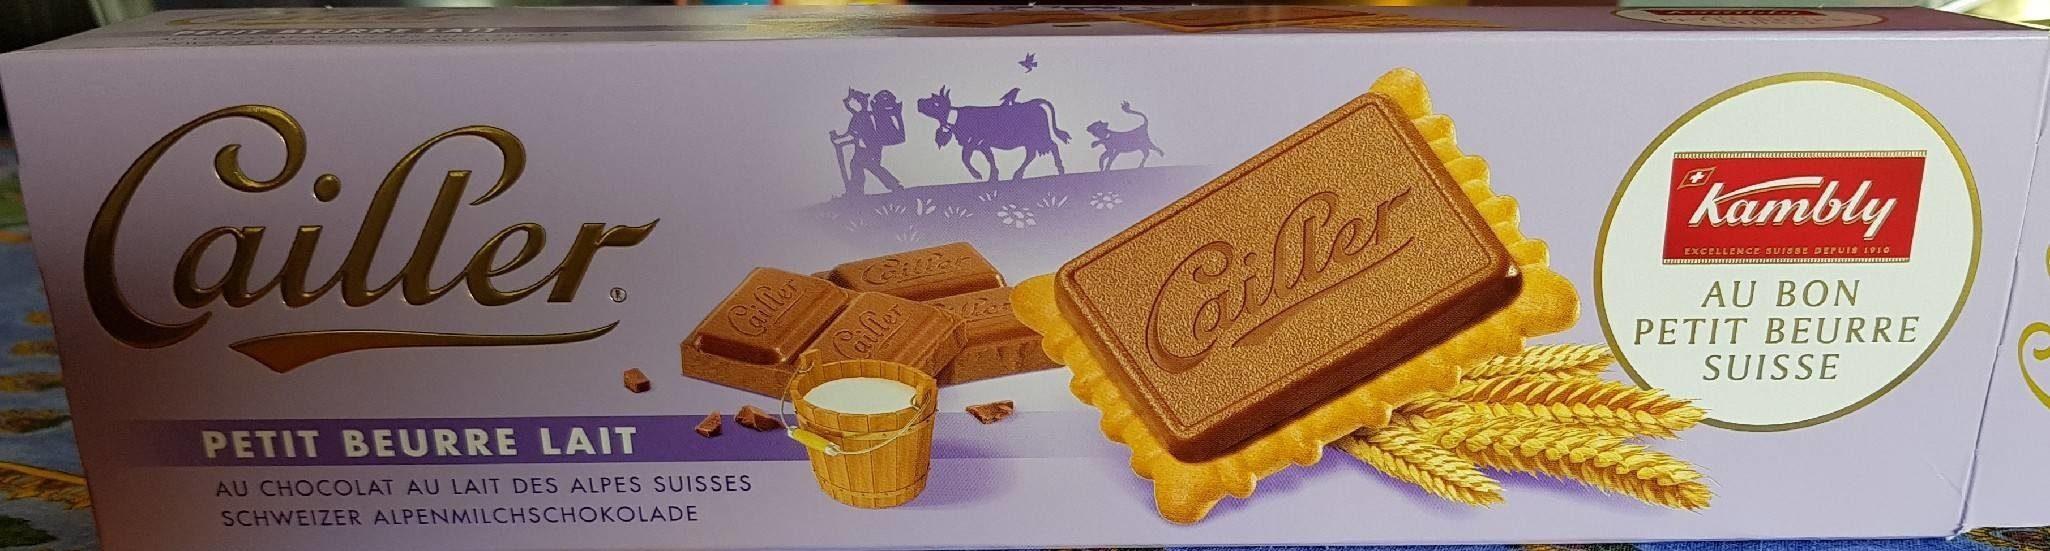 Petit beurre au chocolat au lait - Product - fr